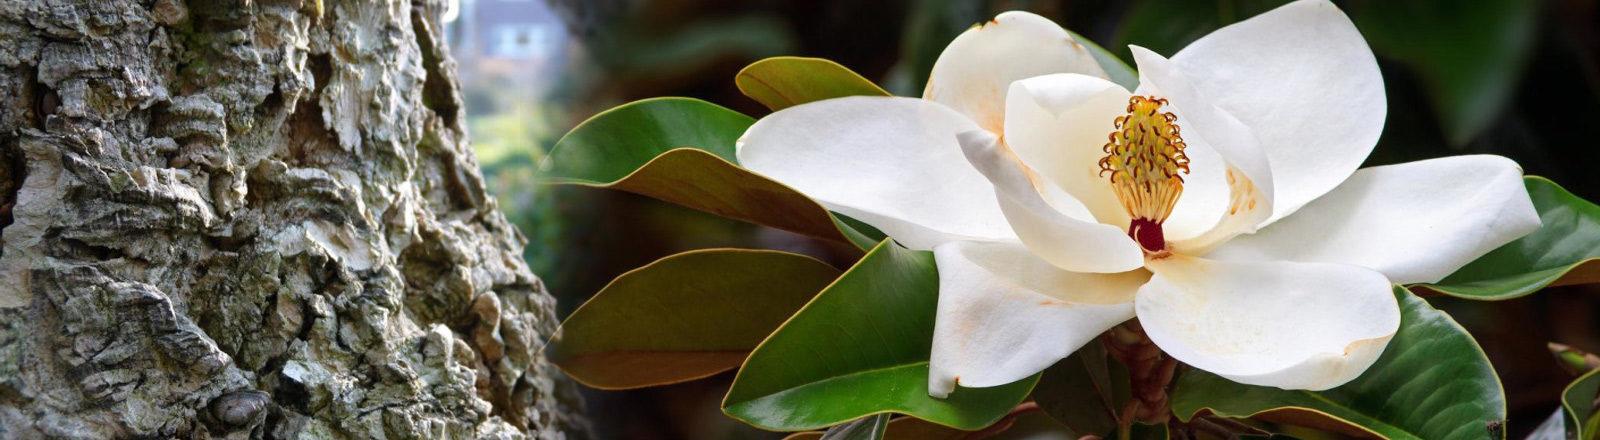 Relora - Природна добавка за отслабване, тревожност, стрес и безсъние